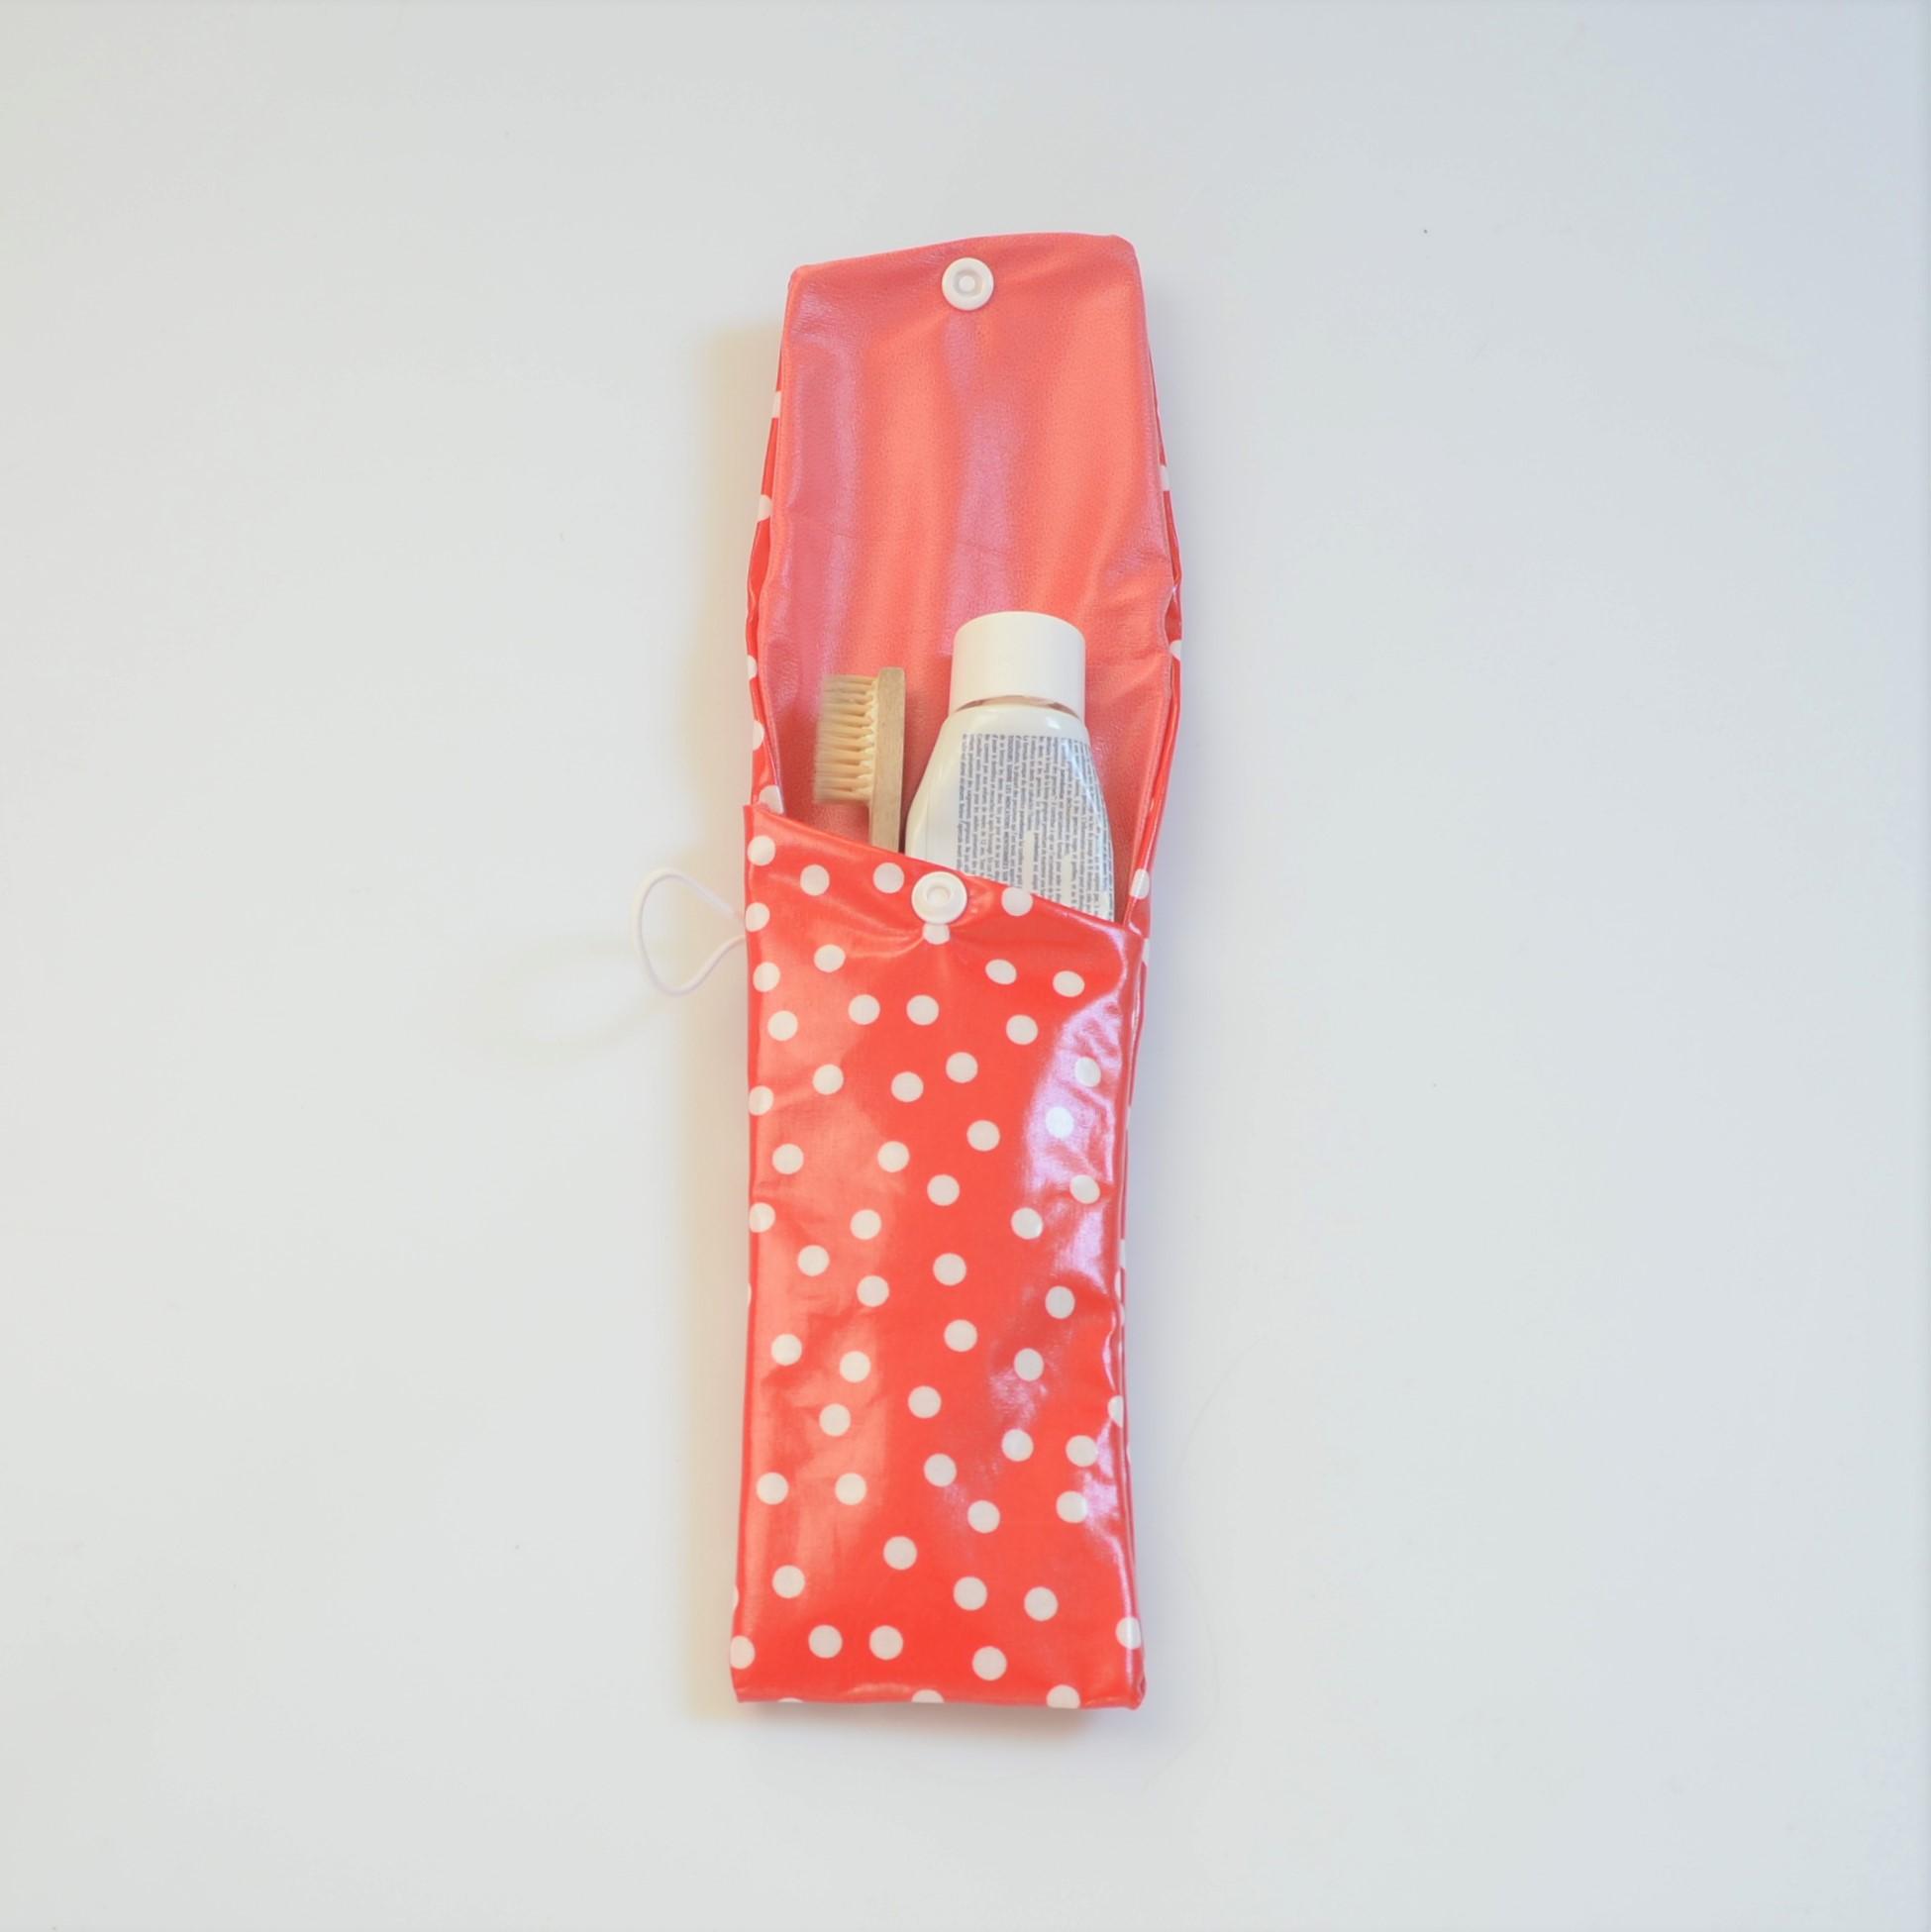 Etui imperméable pour brosse à dent et dentifrice à pois--9995825755451